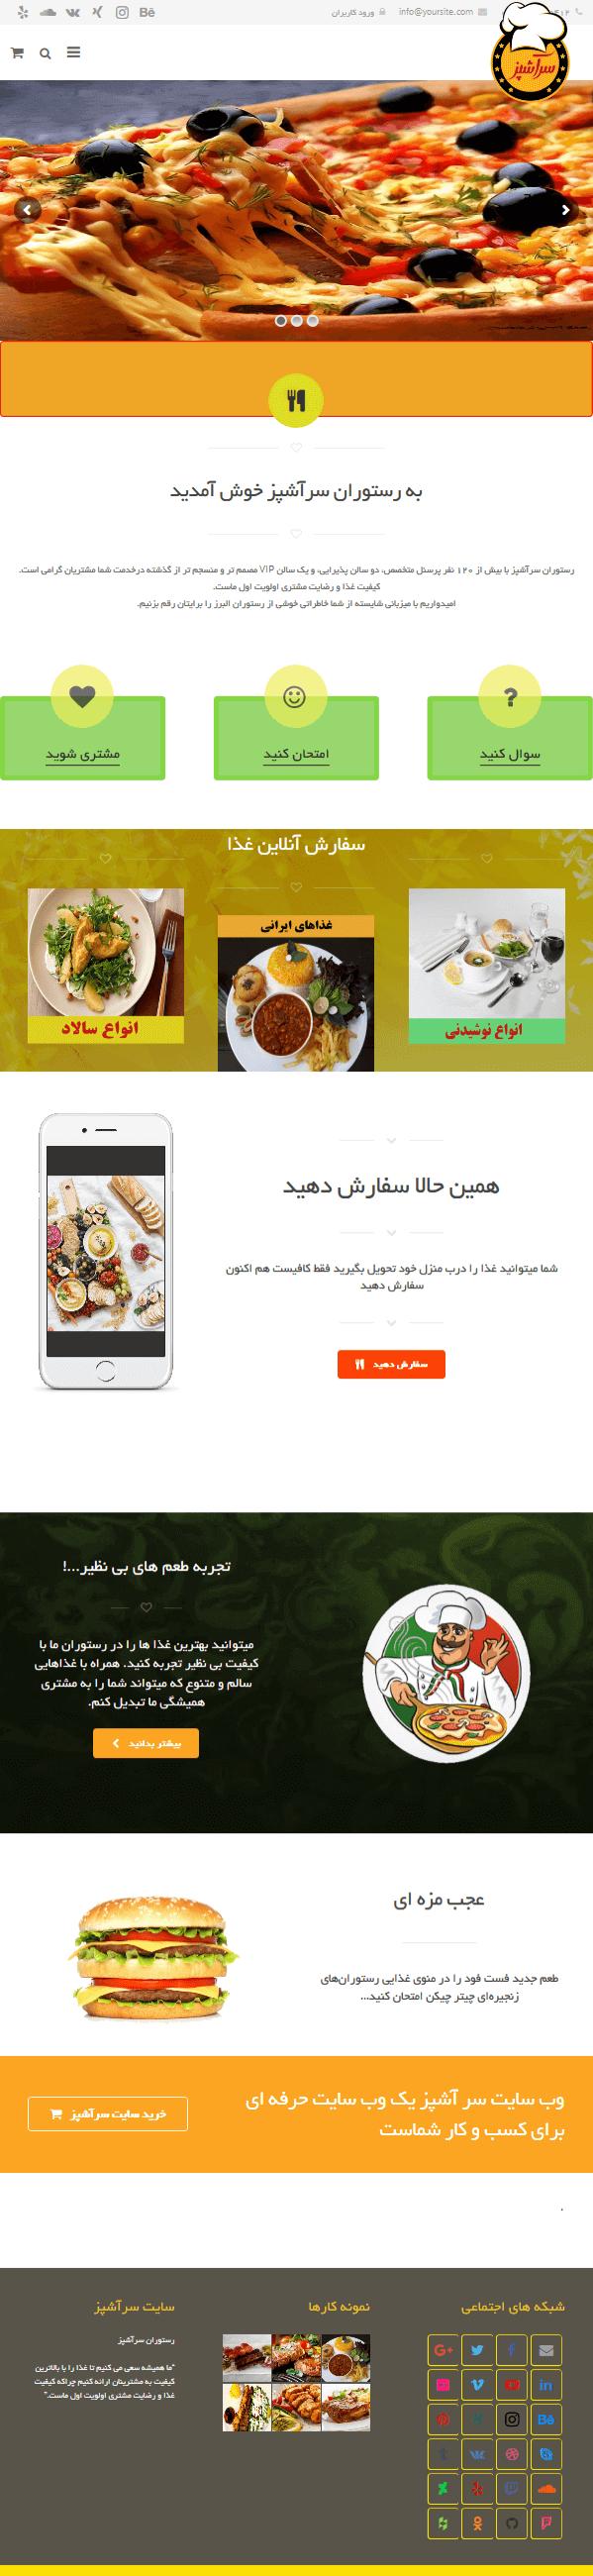 حالت تبلت سایت آشپزی سرآشپز